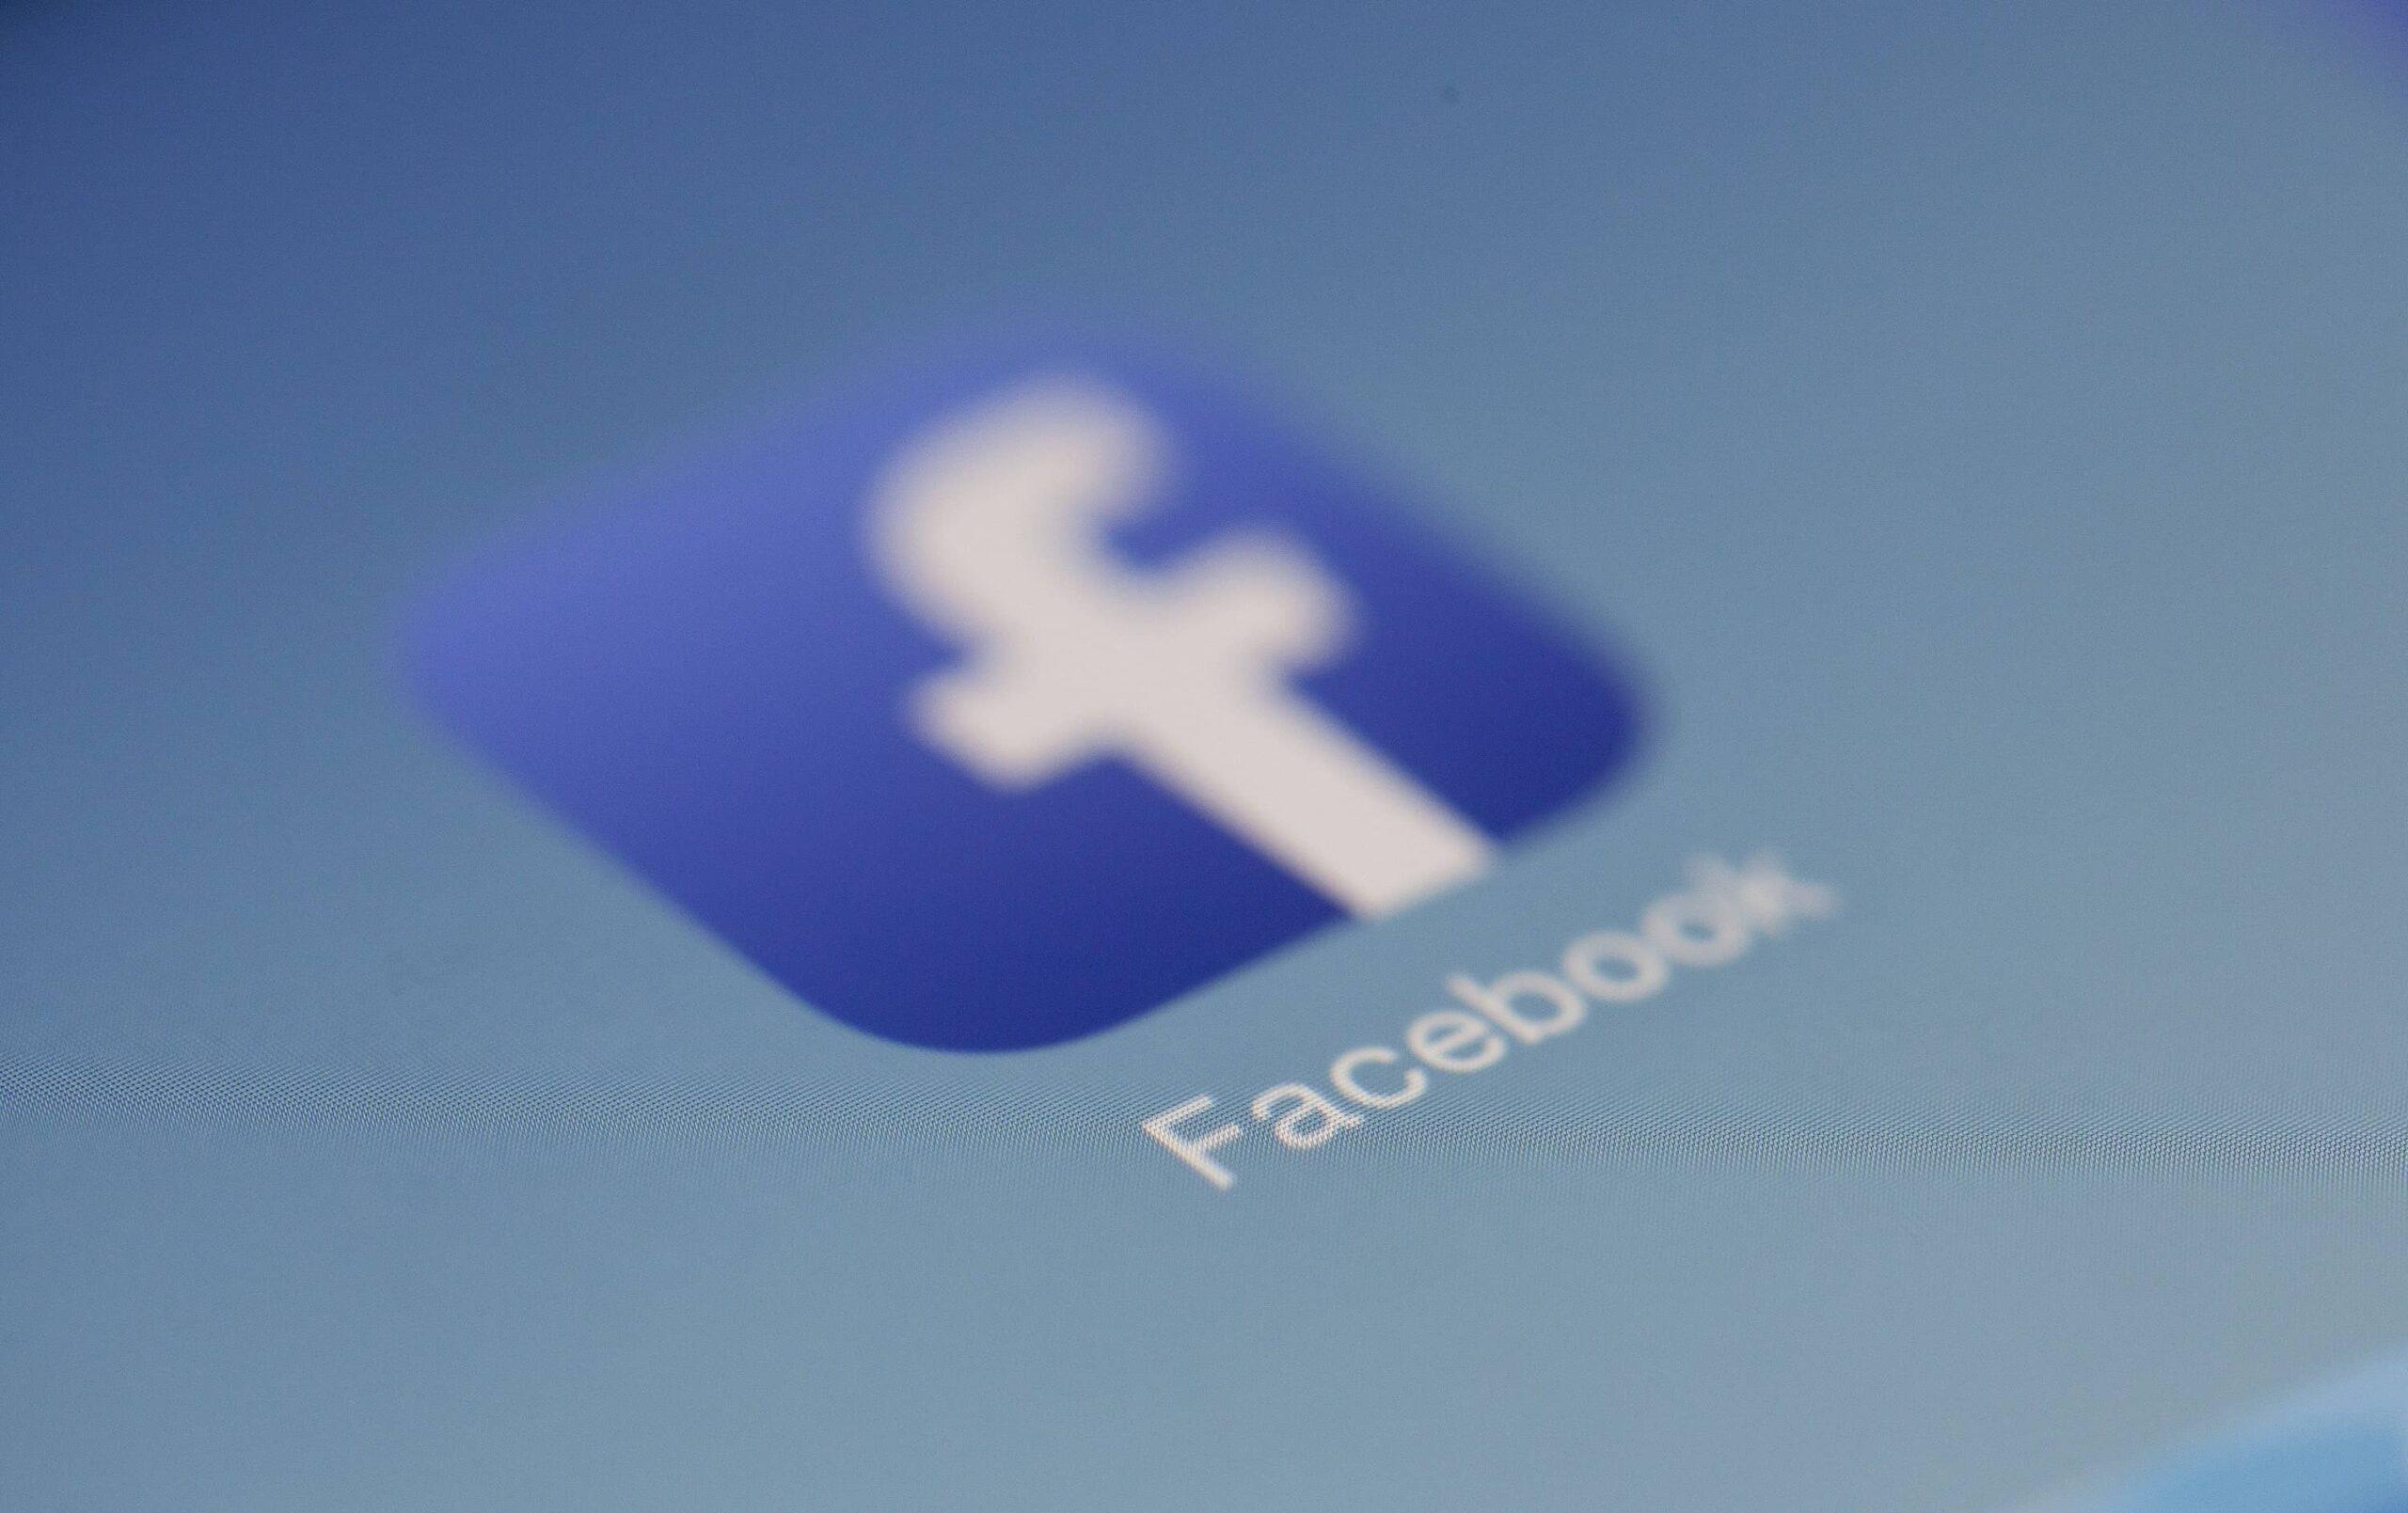 Nasce la Corte suprema di Facebook: si chiama Oversight Board